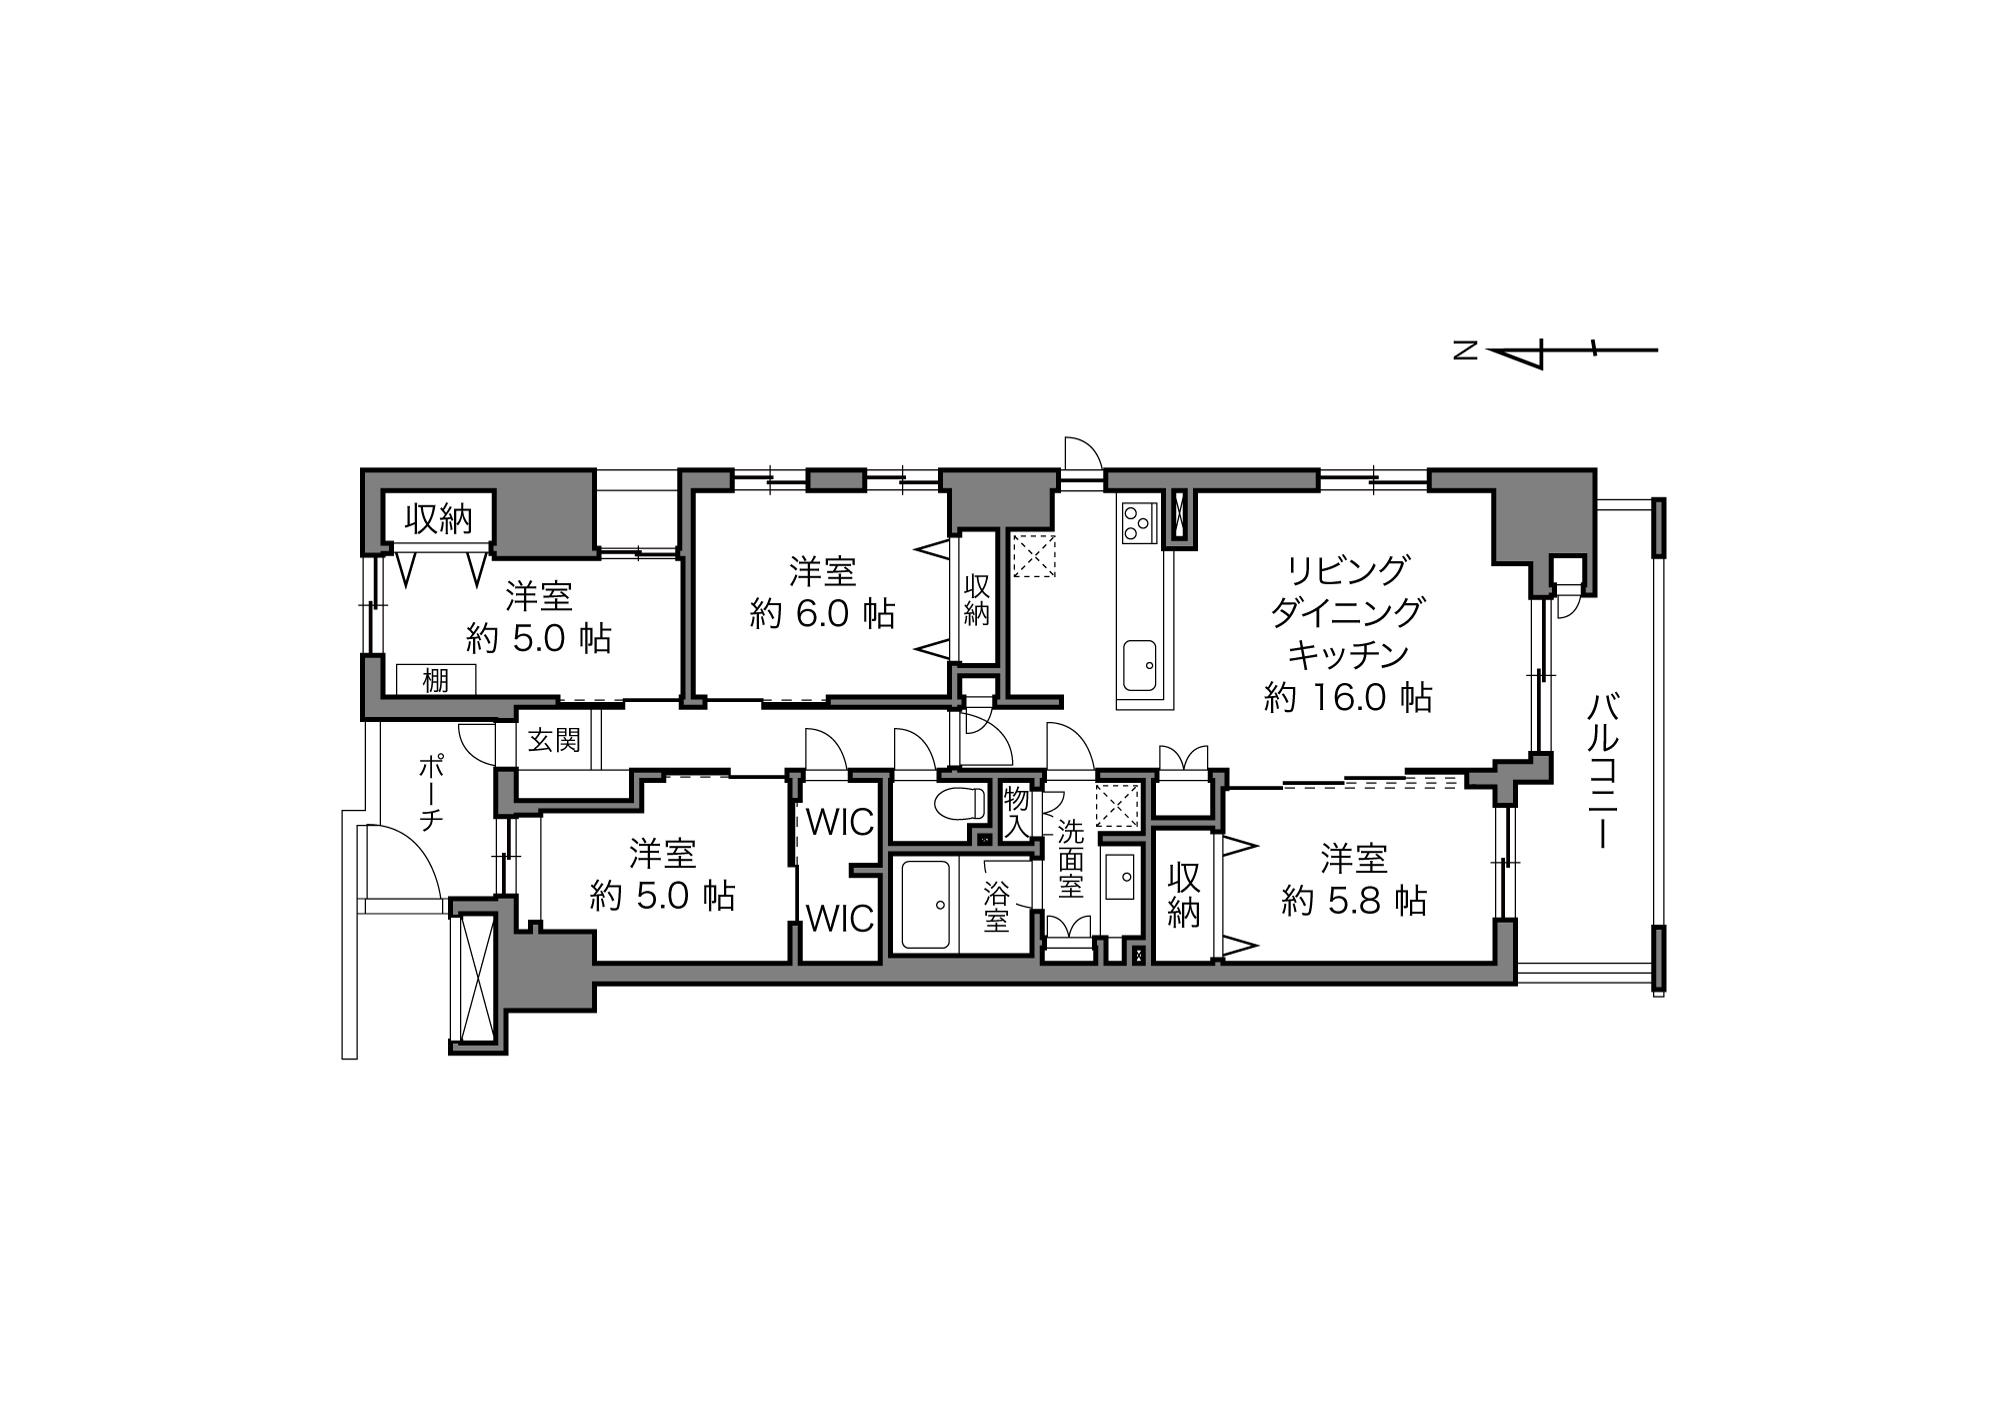 三ノ輪駅 / 4LDK / 87.39㎡